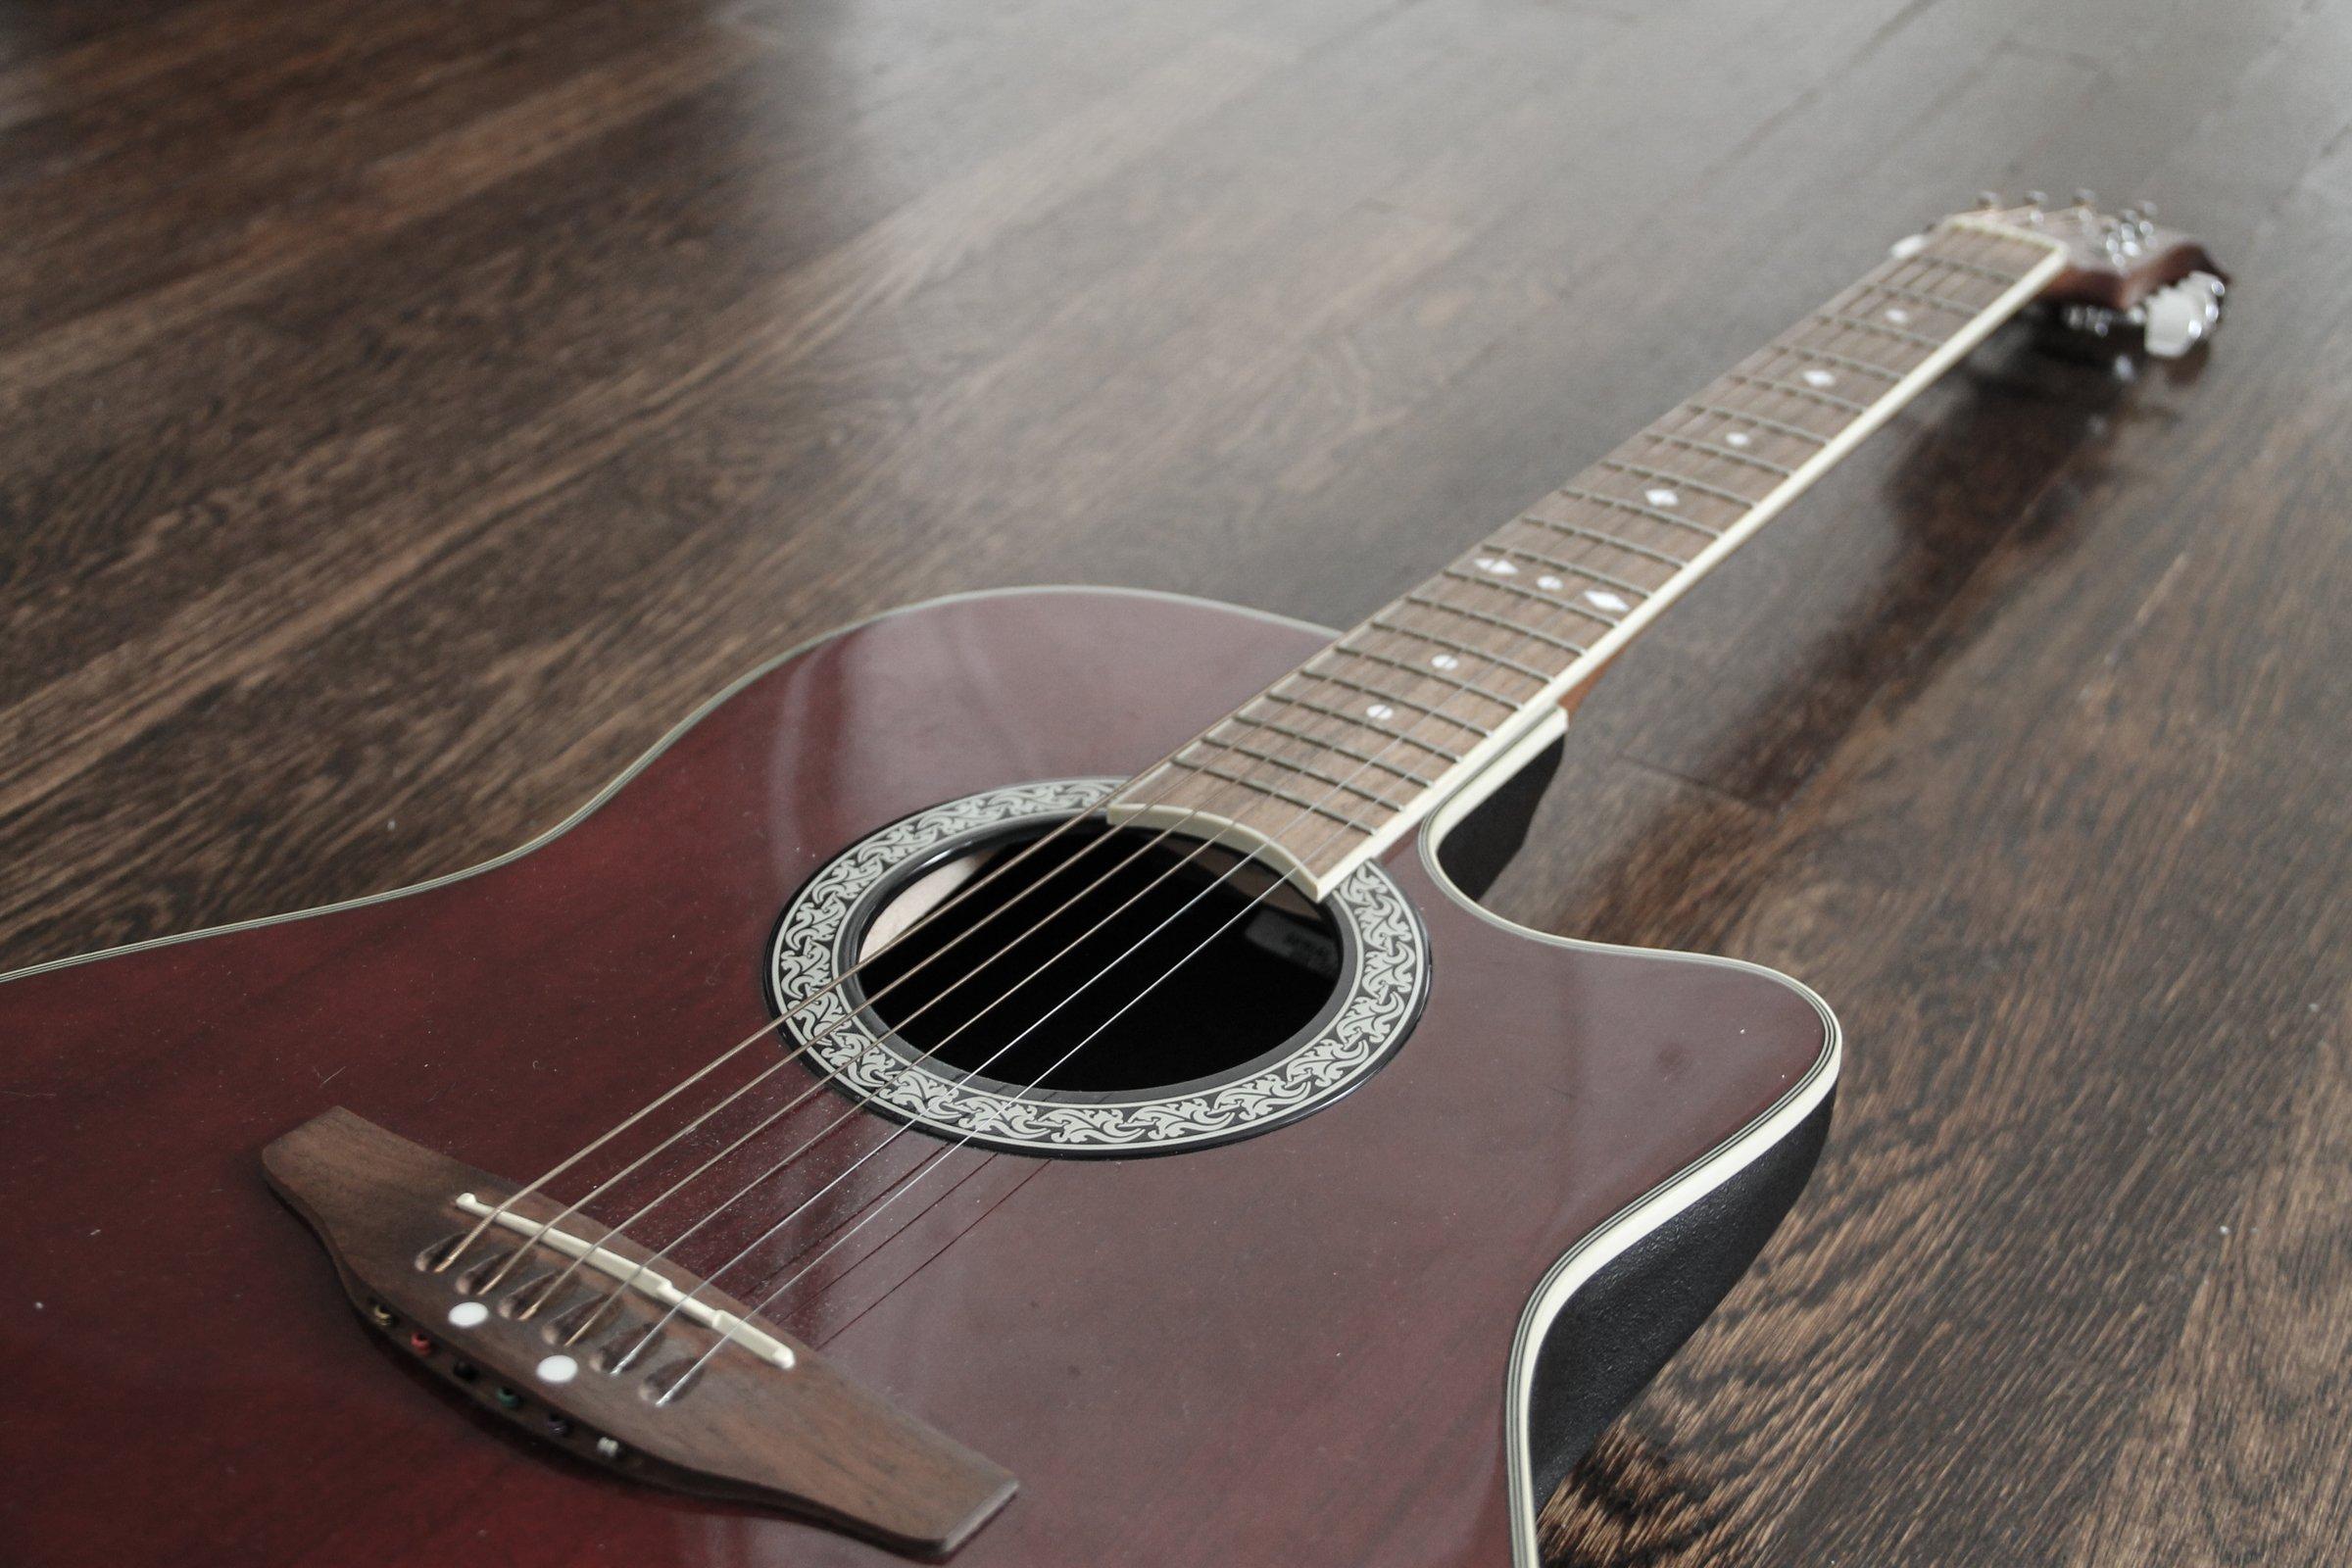 Foto pemain gitar terhebat 67